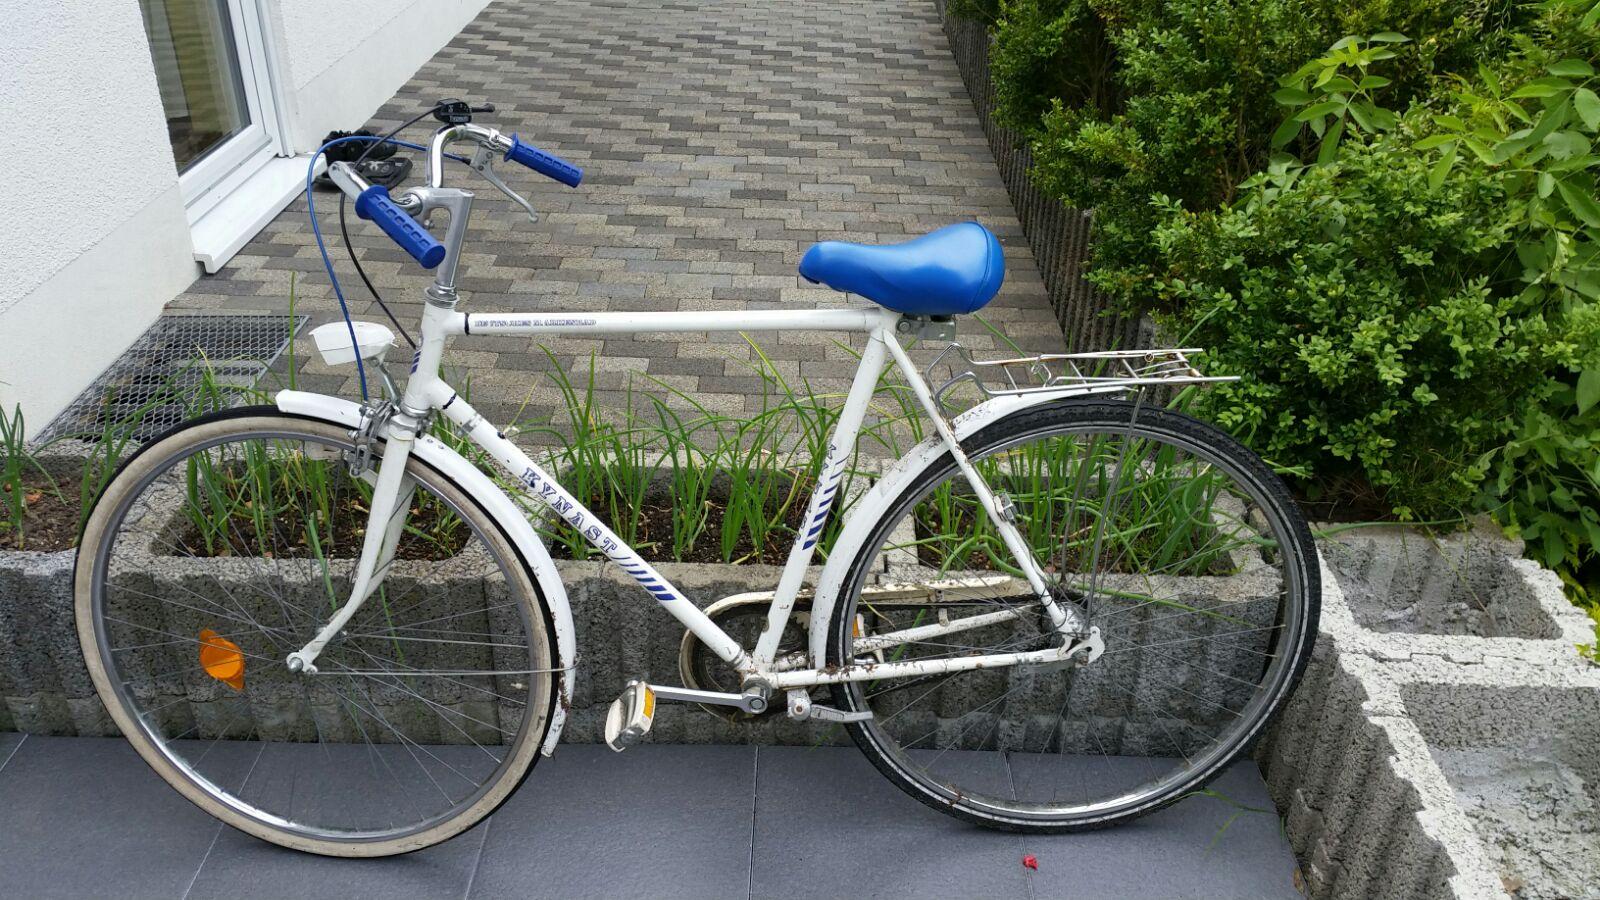 Wer kennt den Besitzer dieses Fahrrads (Foto: OTS)